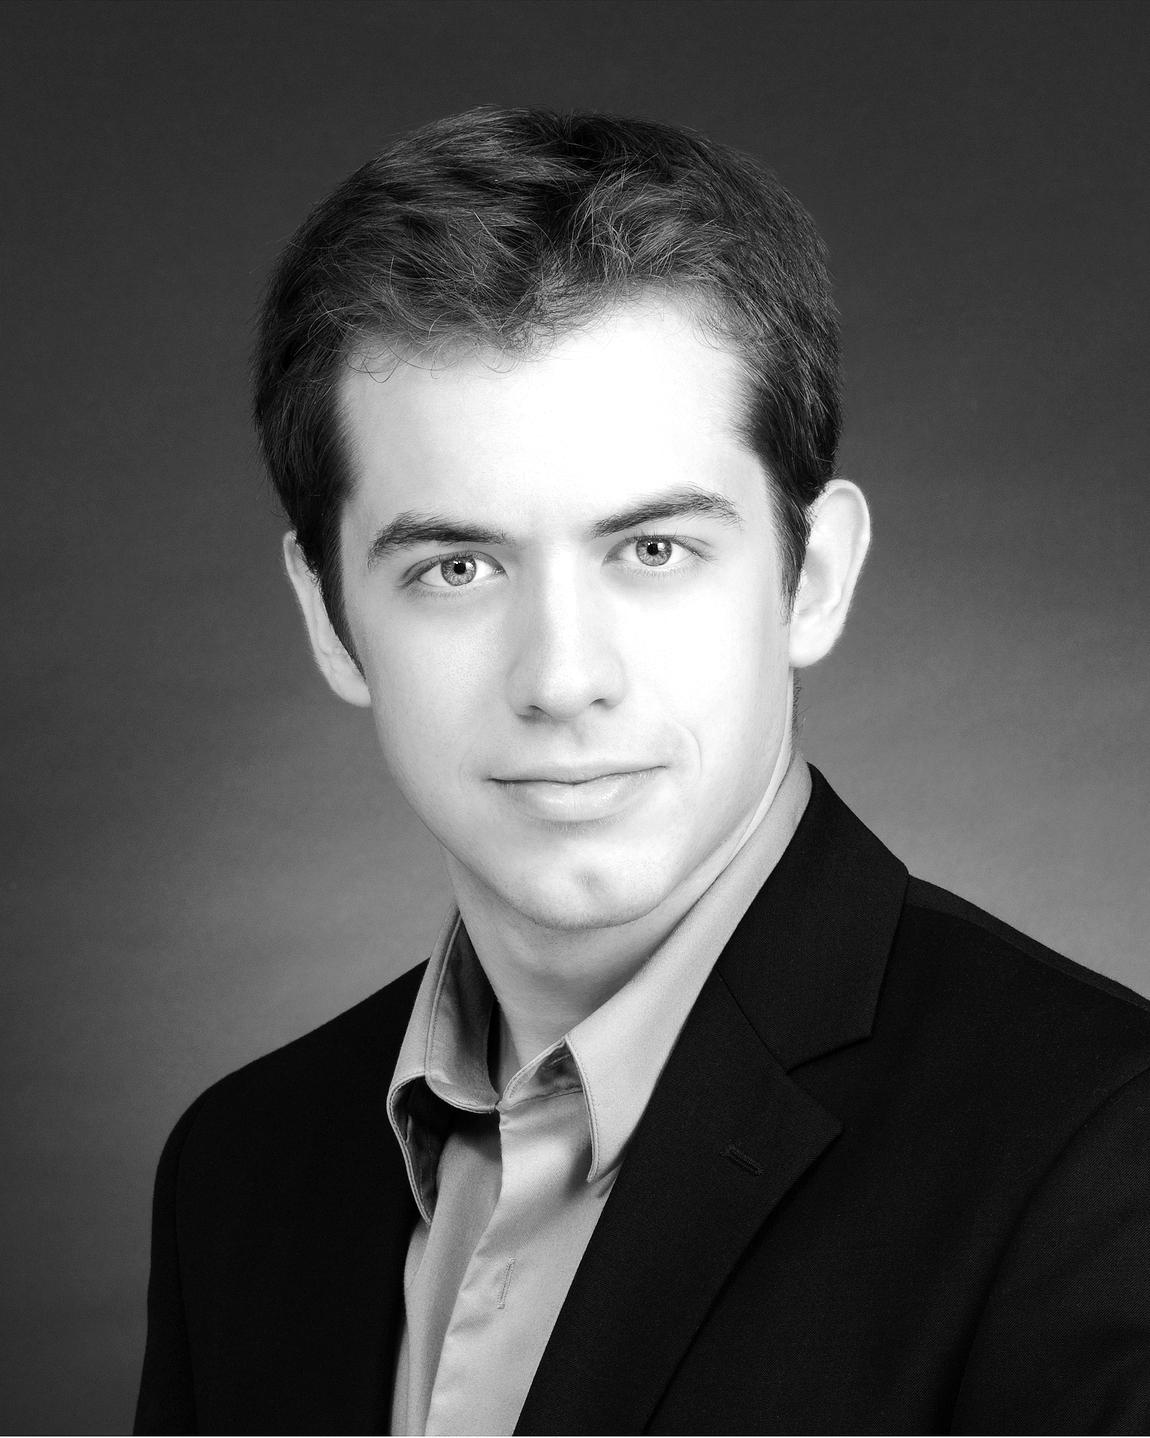 Zachary Owen